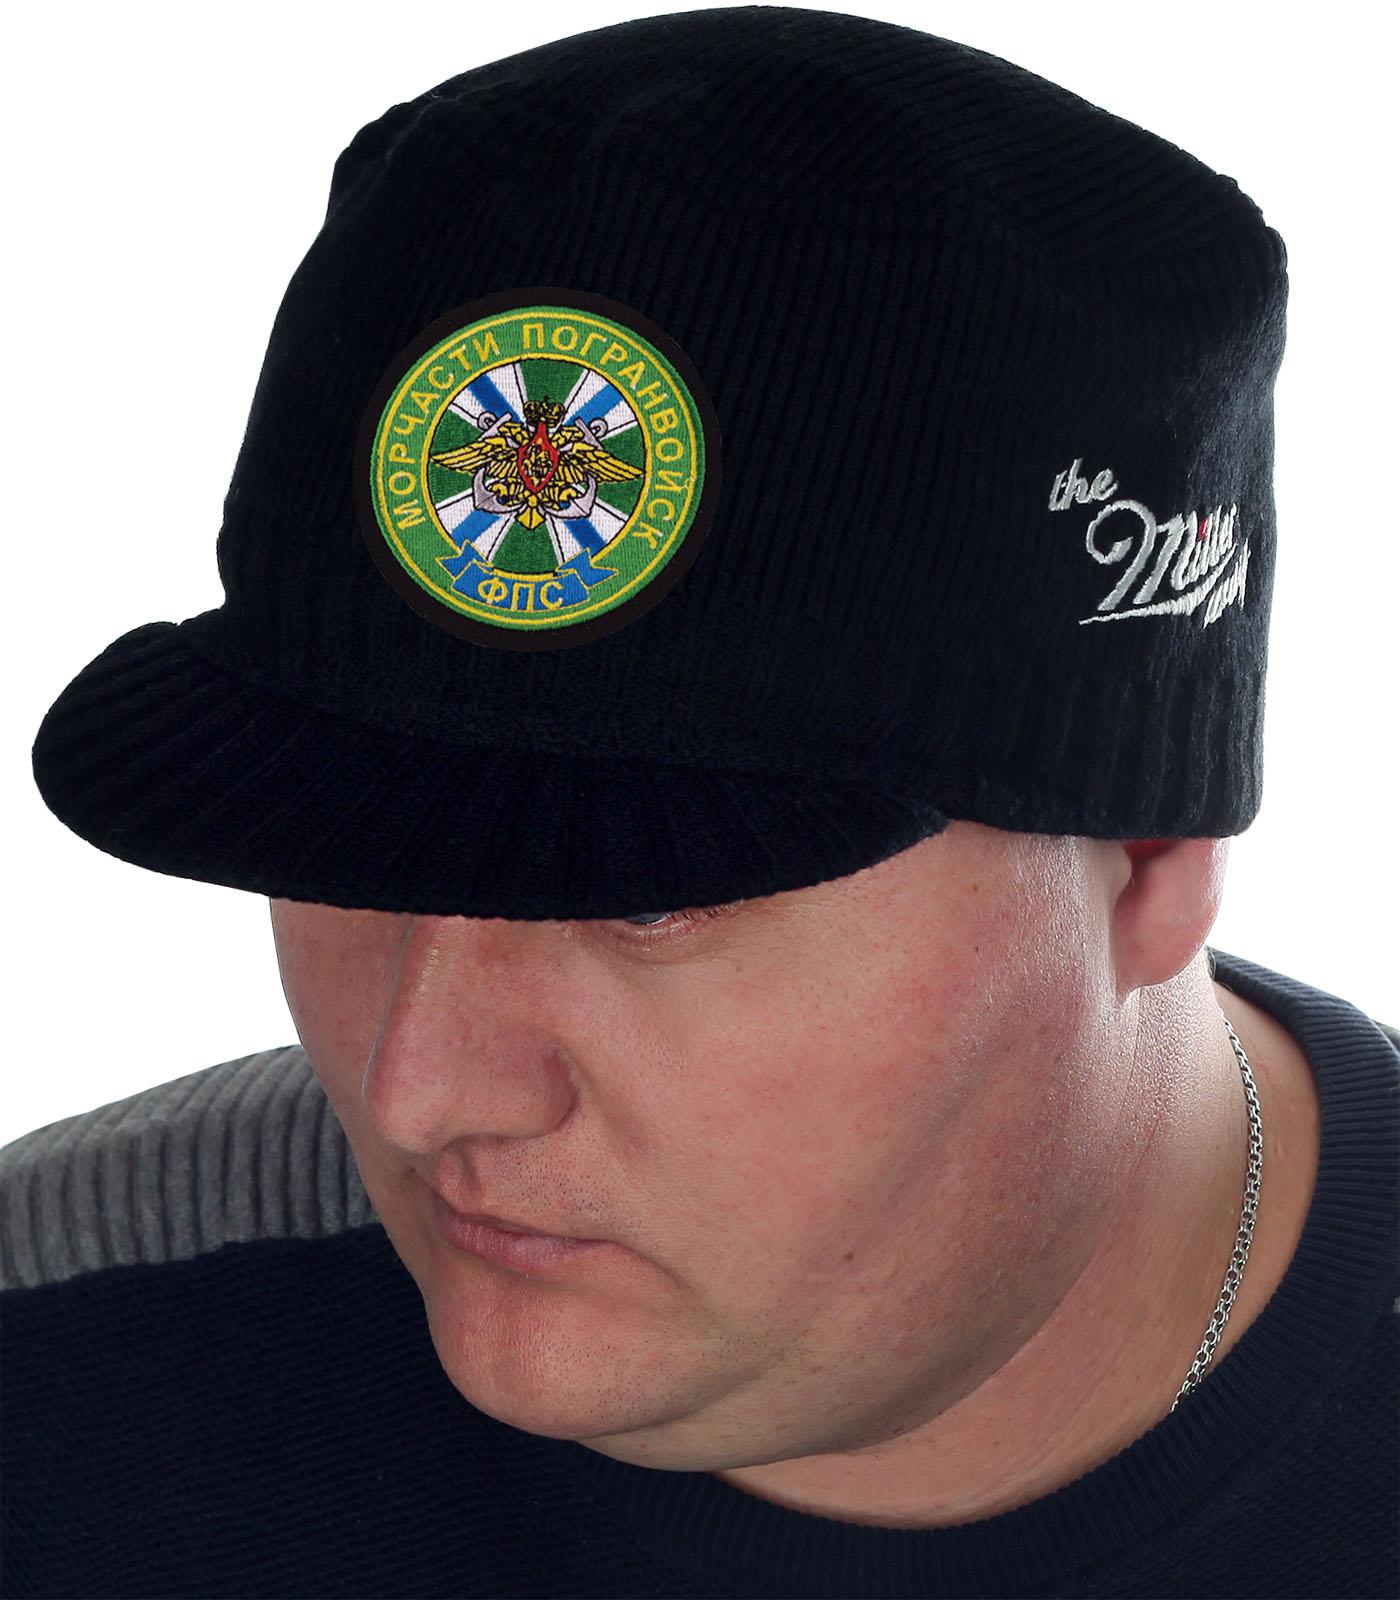 Оригинальная шапка-кепка Miller Way - заказать с доставкой